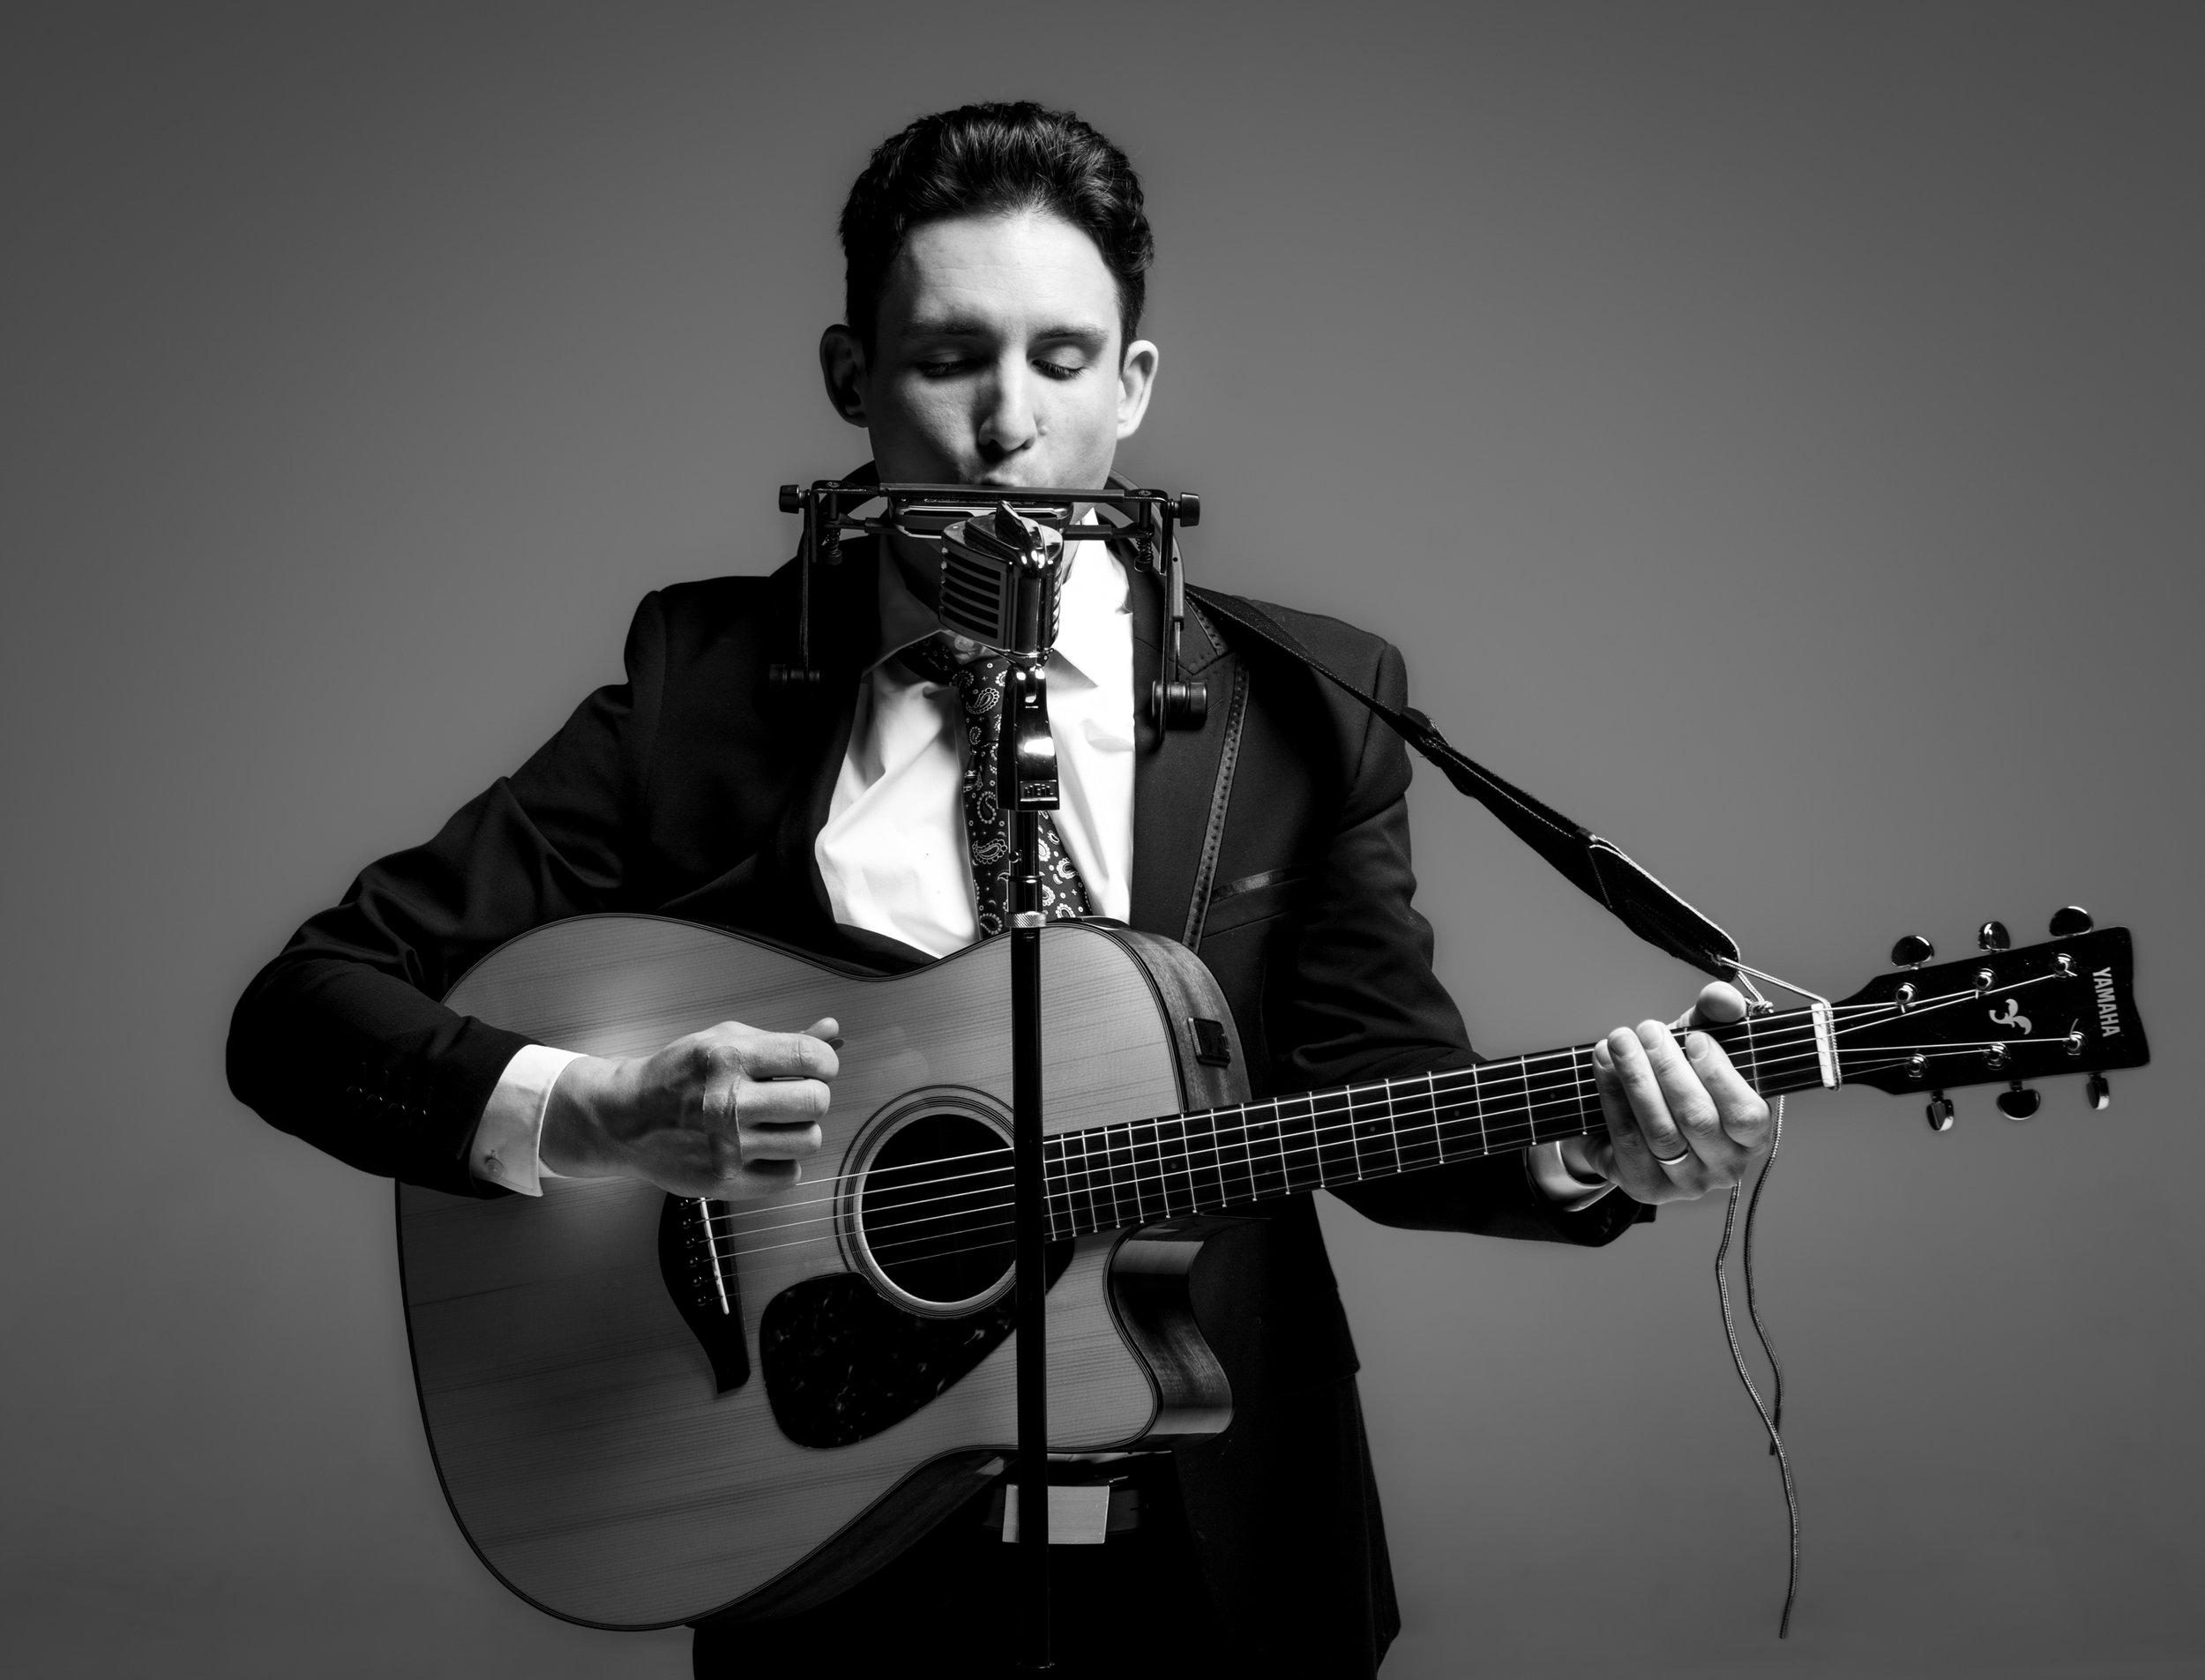 musician-photo-black-white.jpg